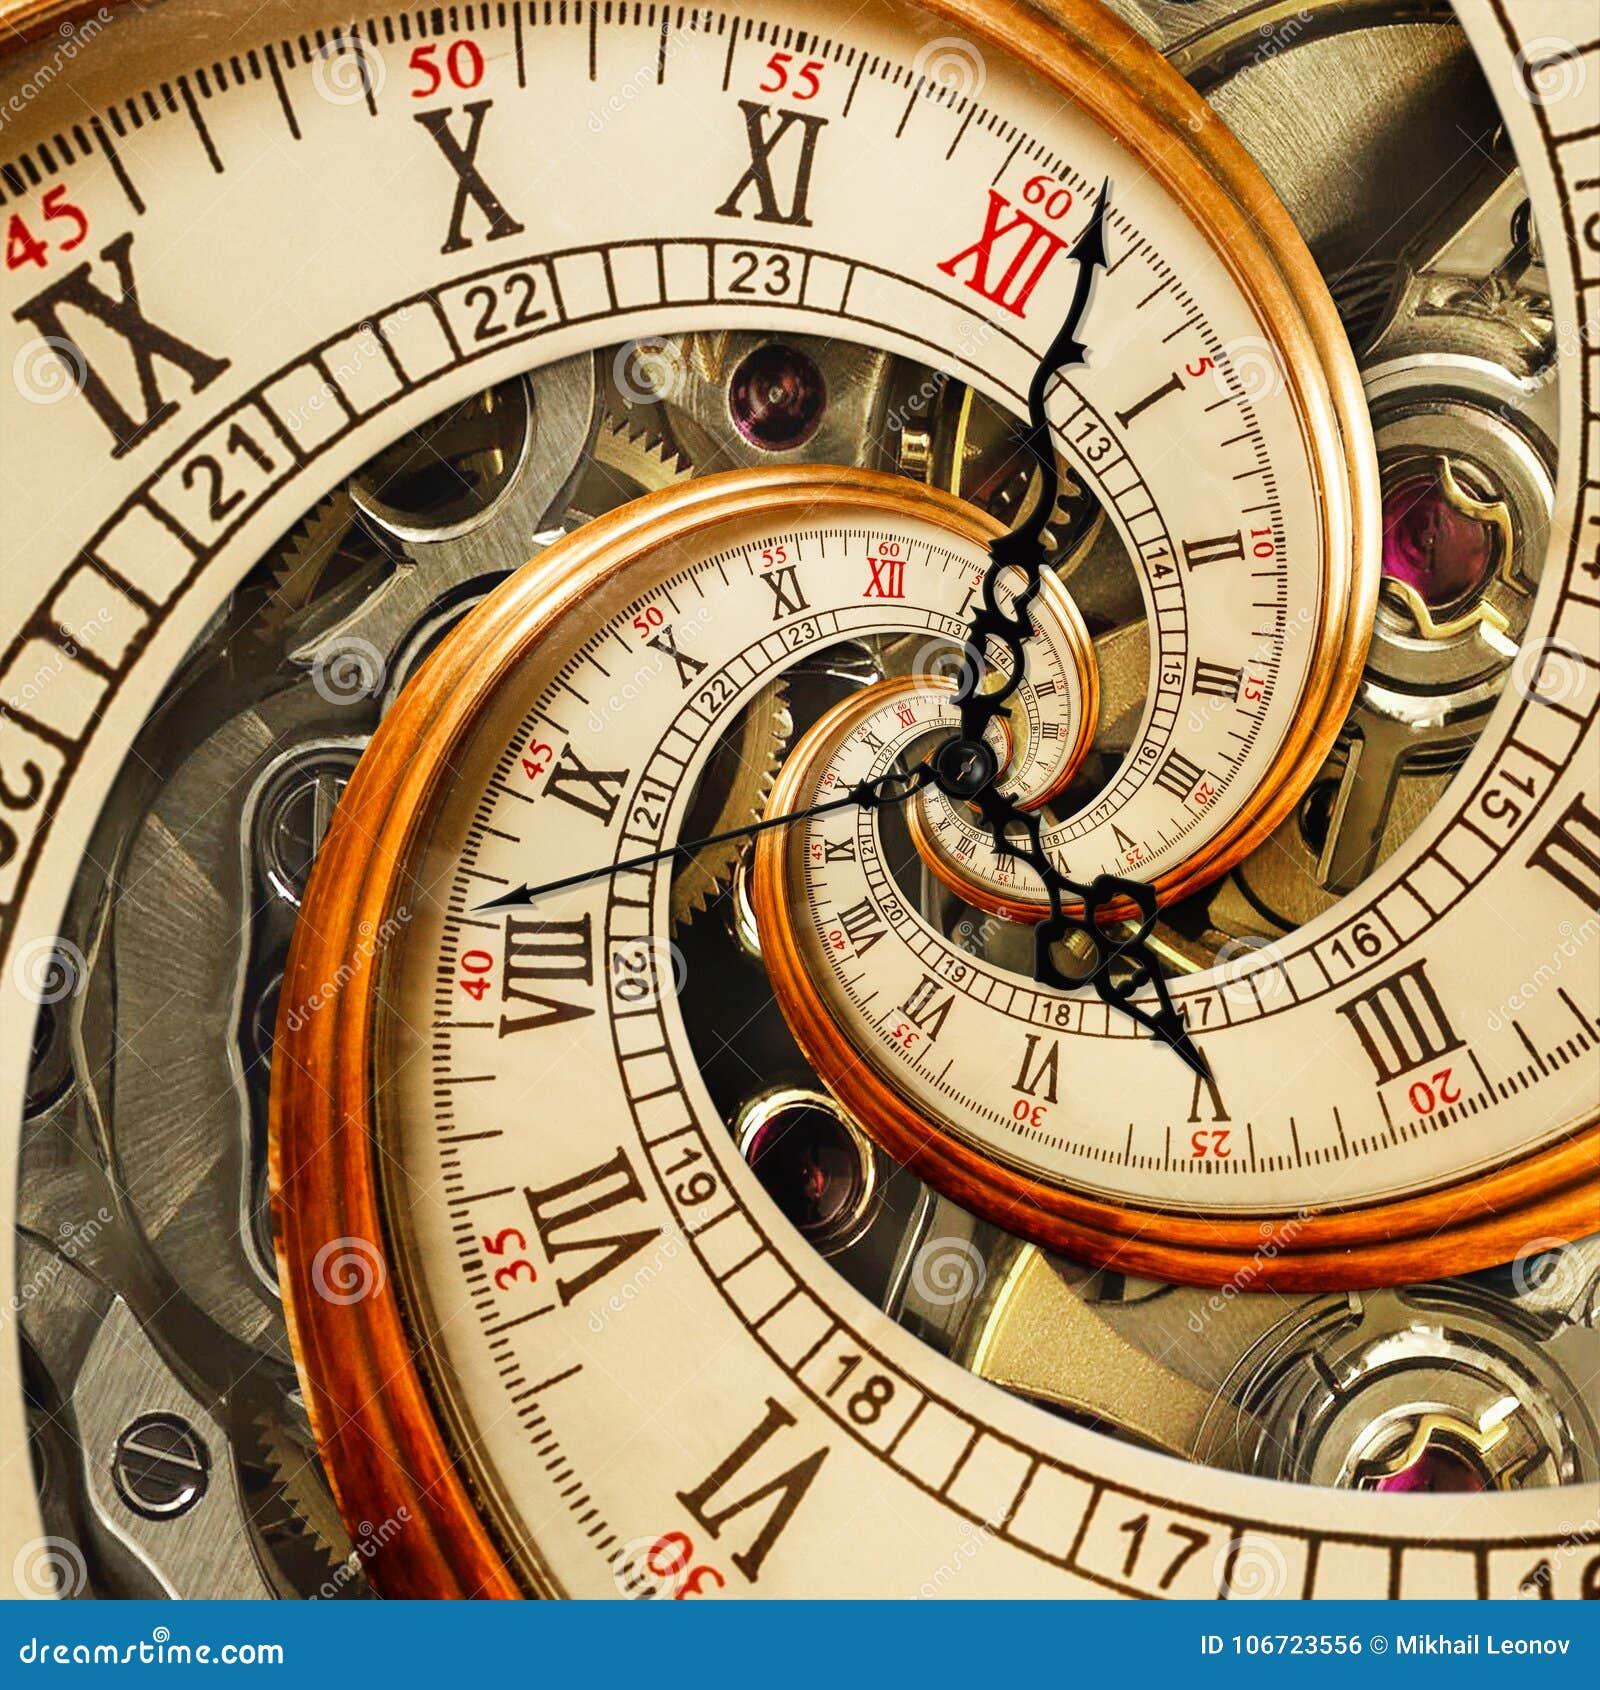 Viejo espiral antiguo surrealista del fractal del extracto del reloj Mire los relojes con fractal abstracto inusual de la textura